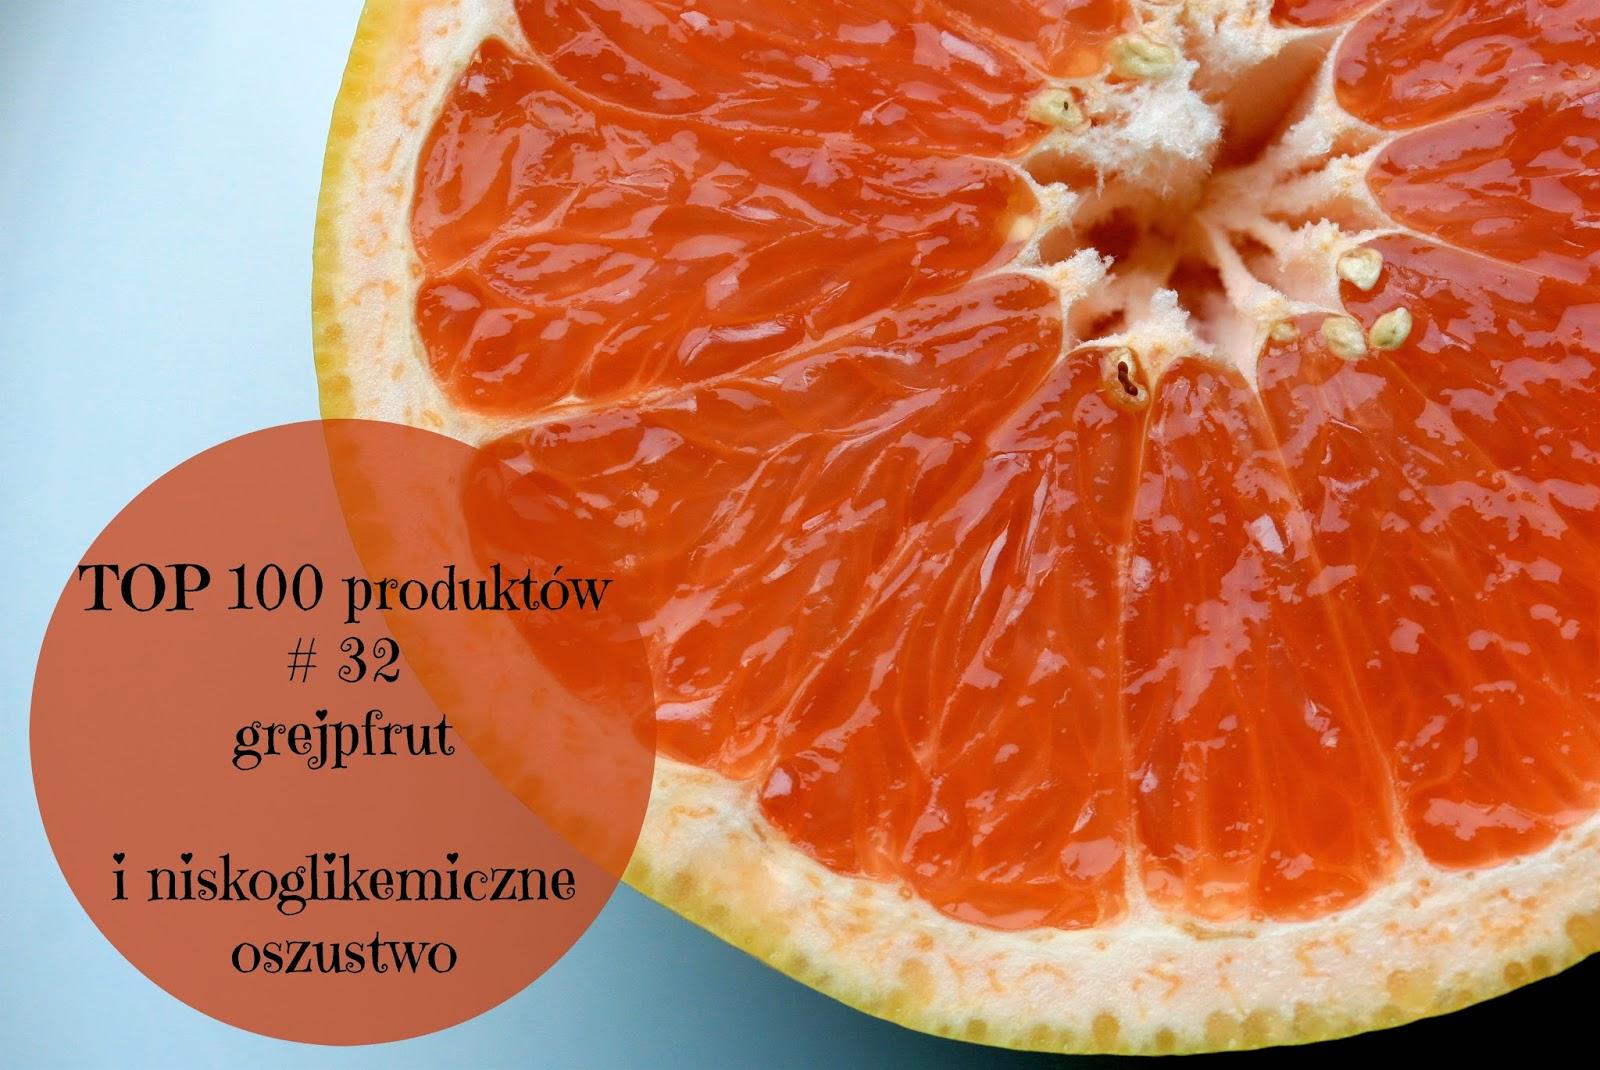 TOP 100 produktów #32 – grejpfrut i niskoglikemiczne oszustwo